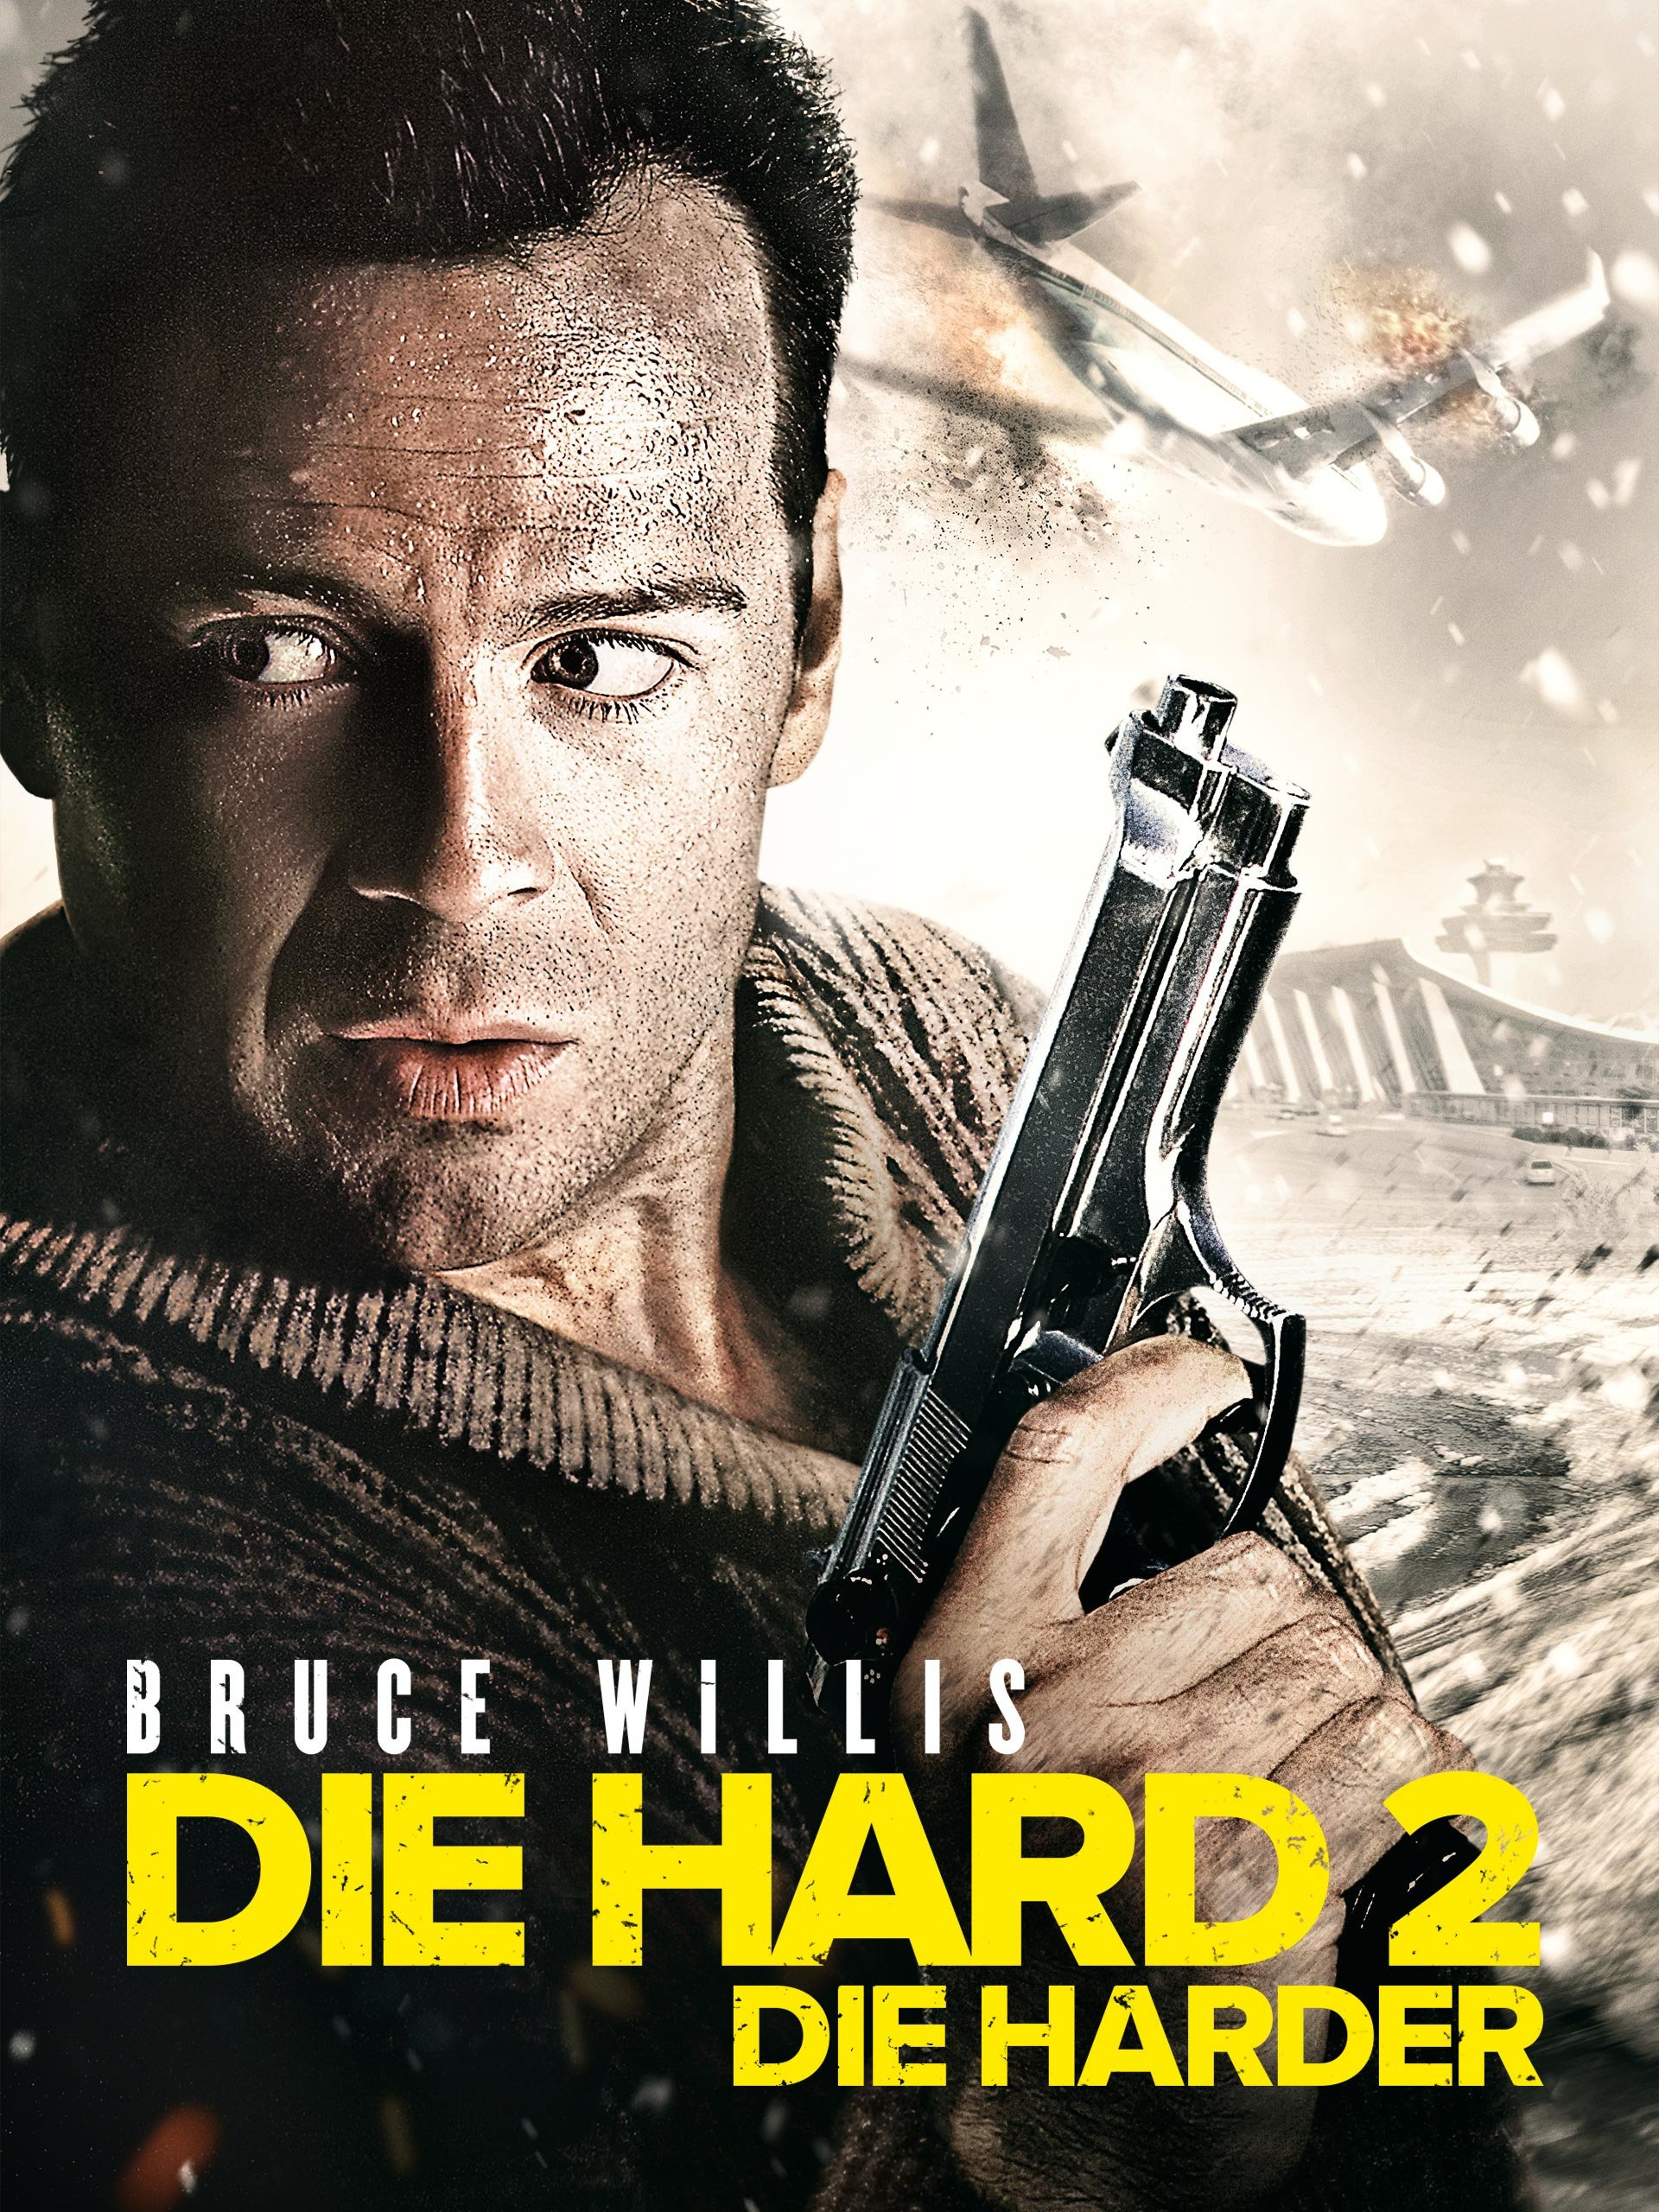 Watch Die Hard 2 4k Uhd Prime Video